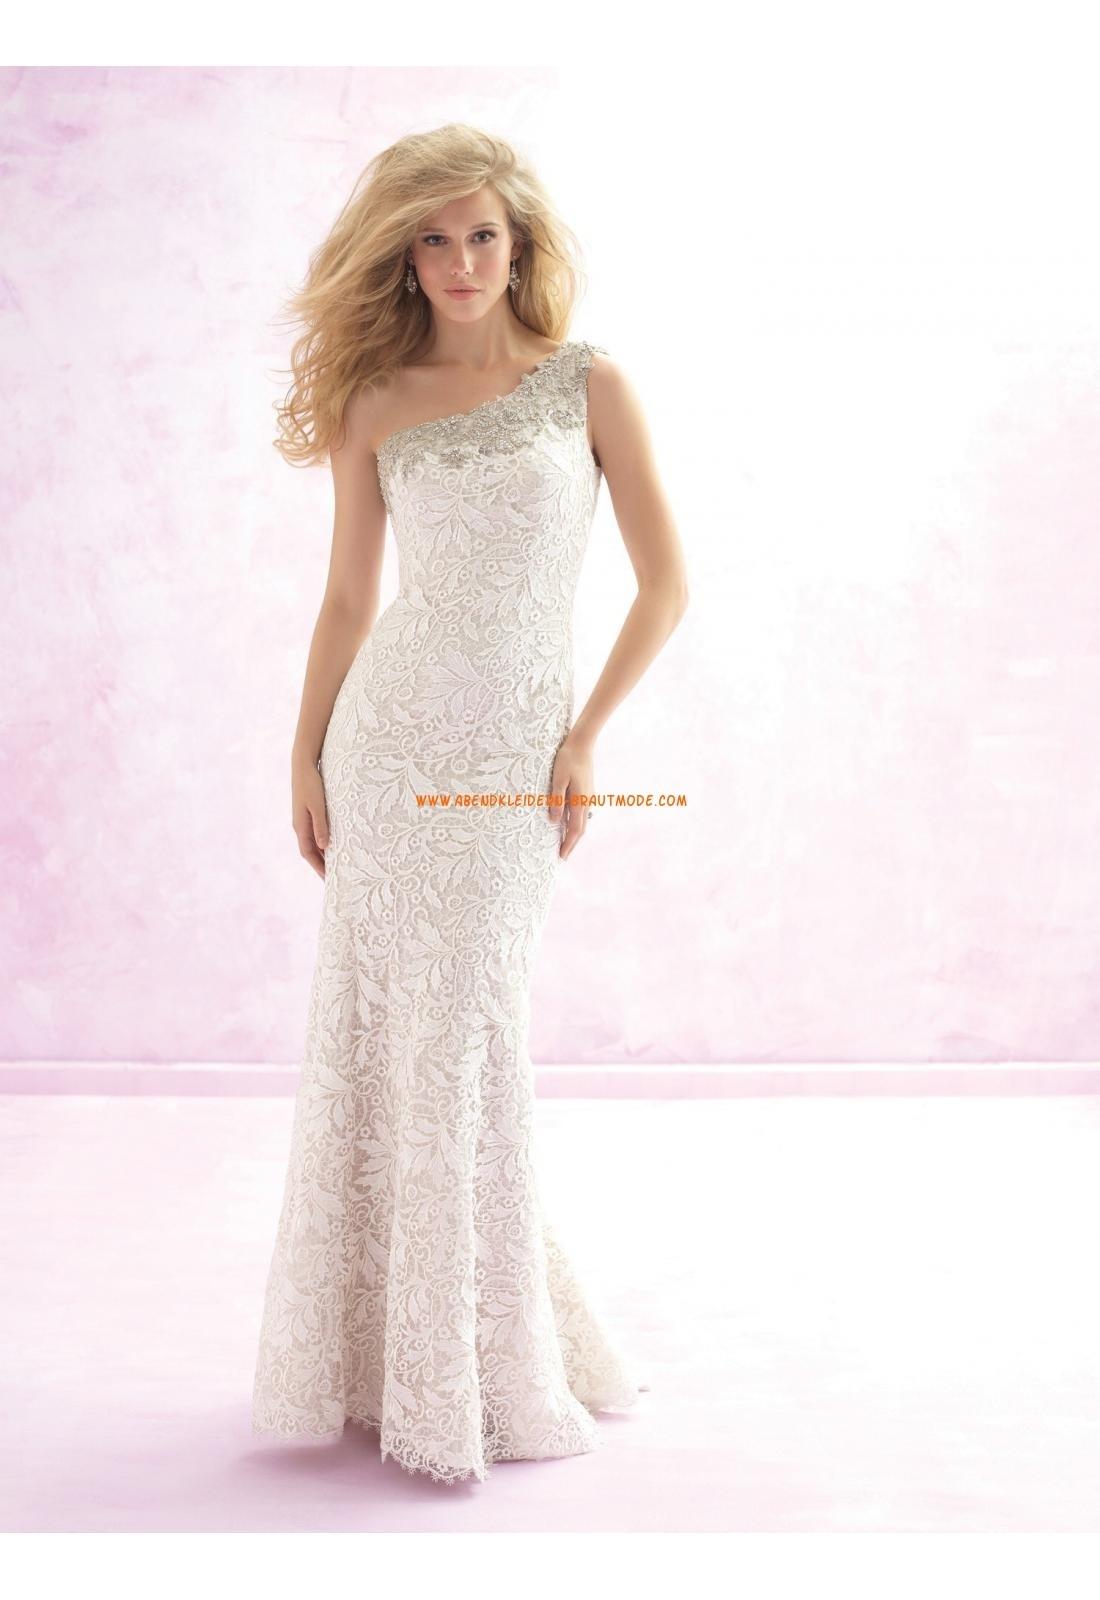 15 Cool Traumhafte Abendkleider SpezialgebietDesigner Erstaunlich Traumhafte Abendkleider Vertrieb